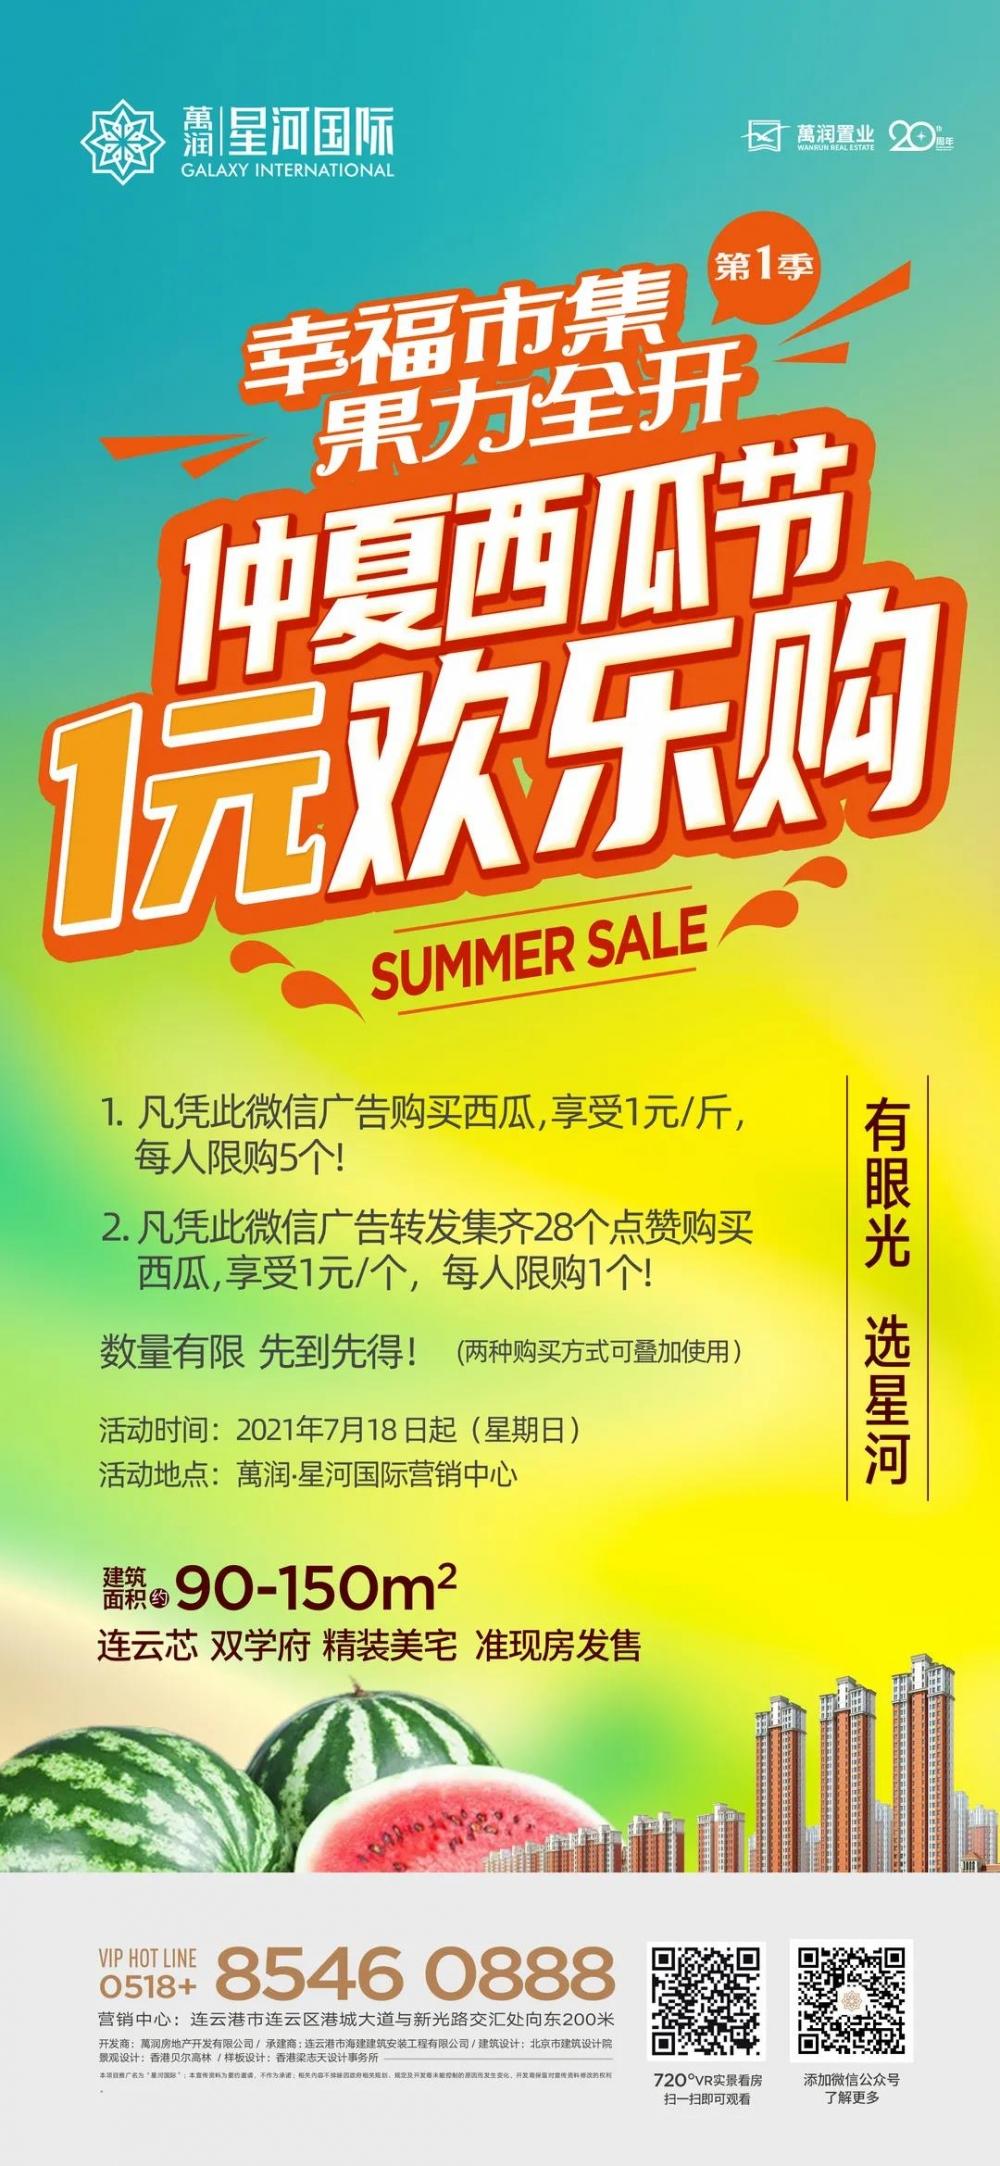 1元抢购大西瓜,速来!萬润·星河国际仲夏西瓜节周末清凉来袭-连云港房产网